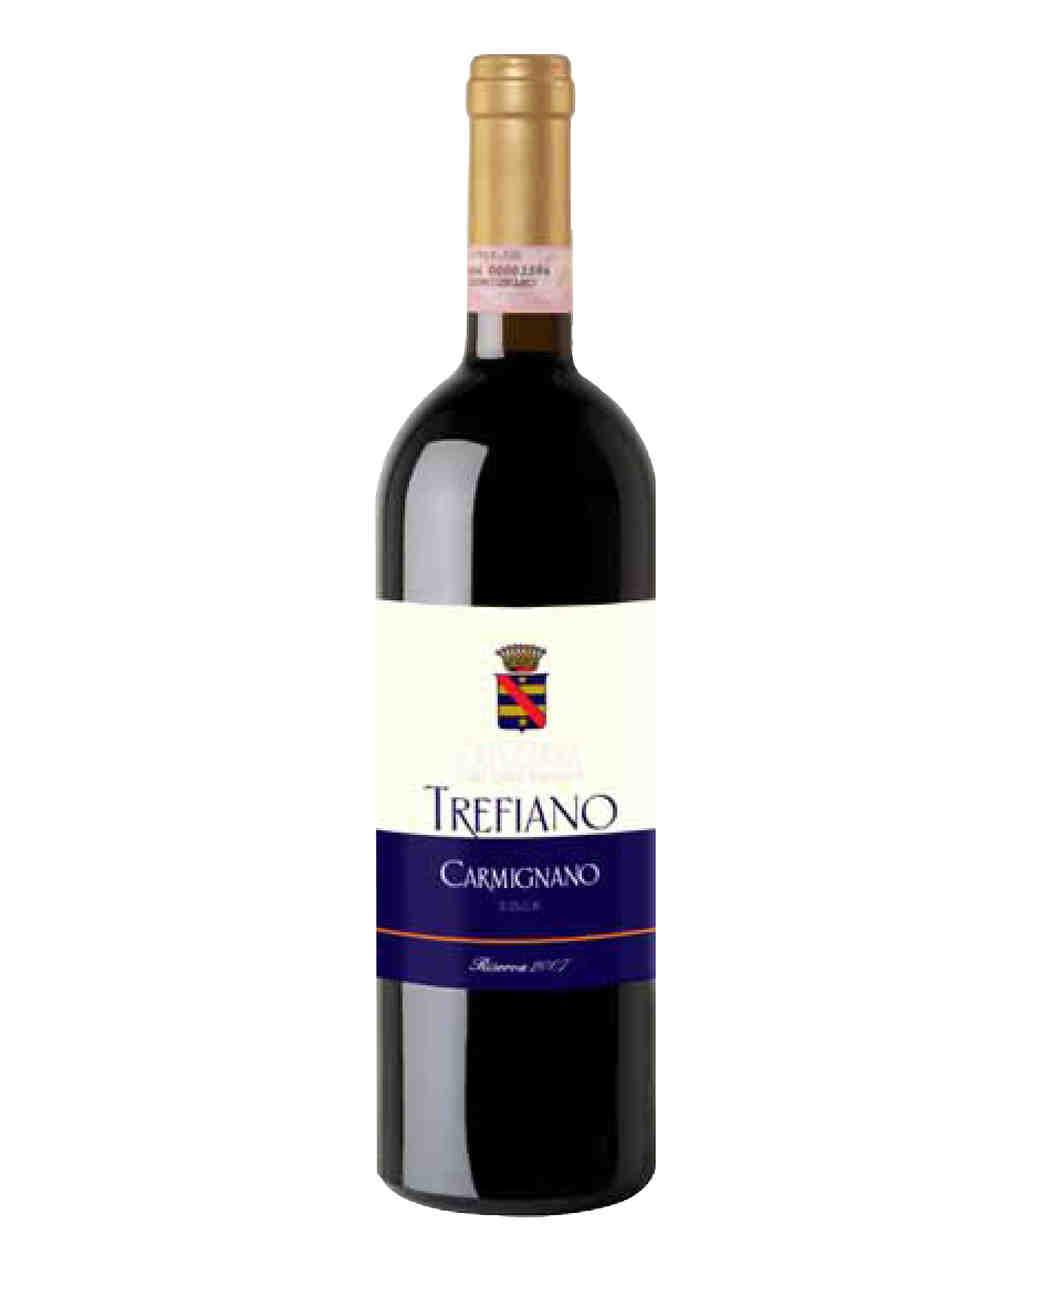 special occasion wines carmignano trefiano capezzana